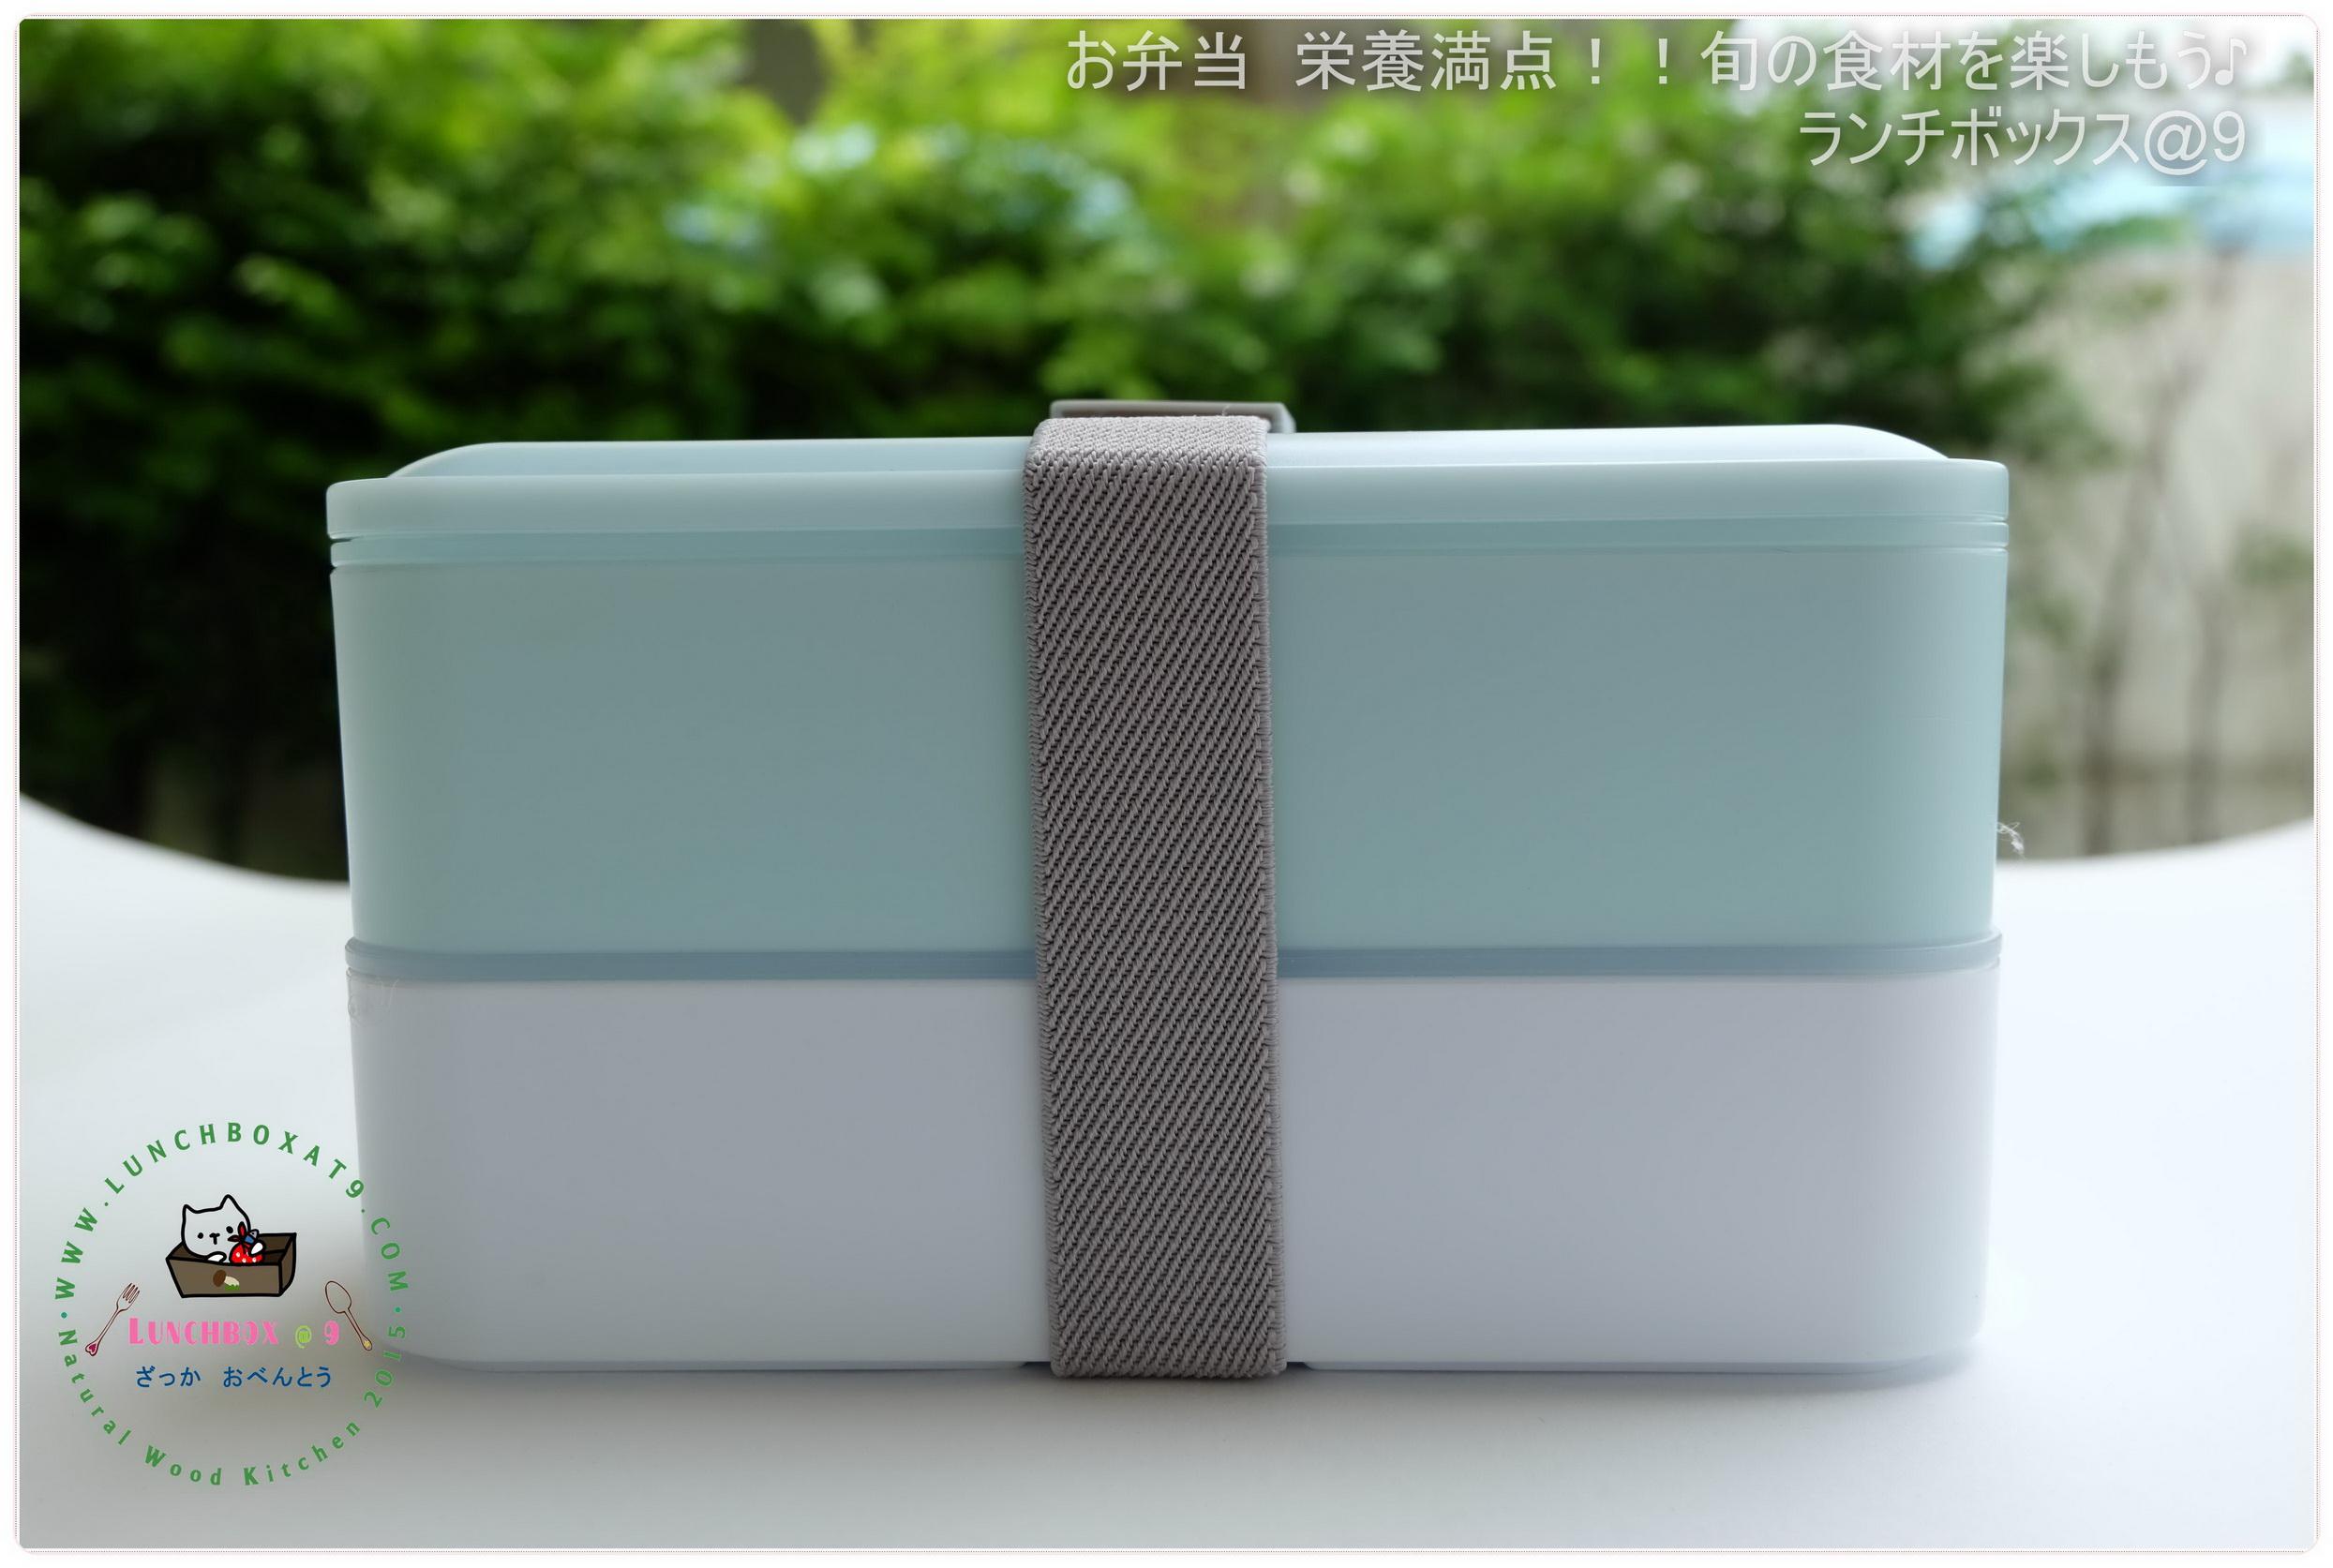 Microwave Japanese Lunch Box - กล่องข้าวญี่ปุ่นพลาสติก - สีฟ้า